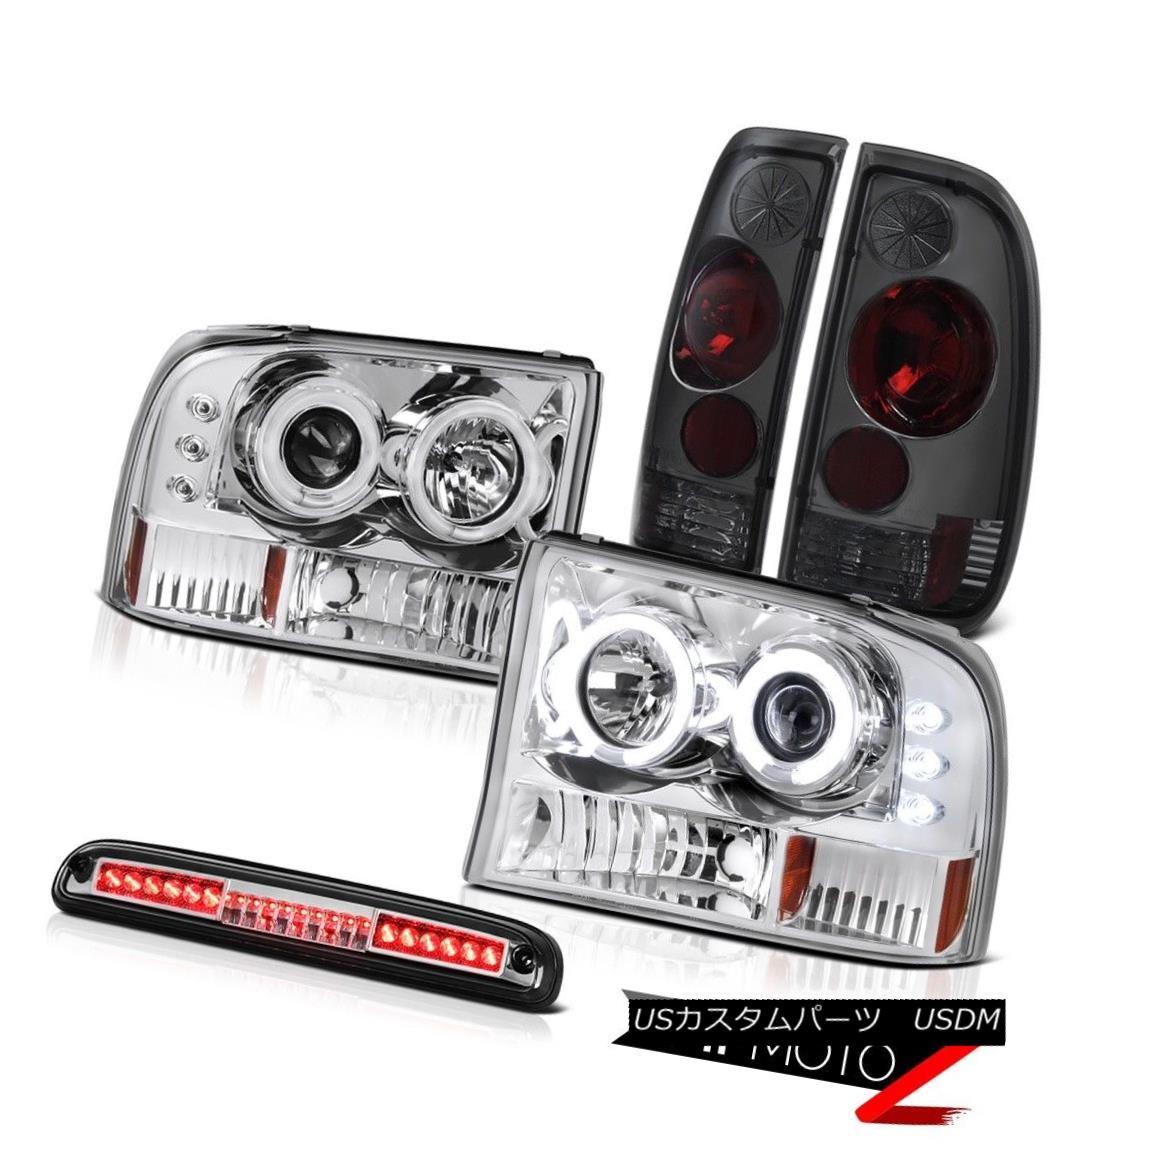 ヘッドライト Euro CCFL Ring Headlamps Rear Tail Light Assembly Third Brake LED 99-04 F350 XL ユーロCCFLリングヘッドランプリアテールライトアセンブリ第3ブレーキLED 99-04 F350 XL